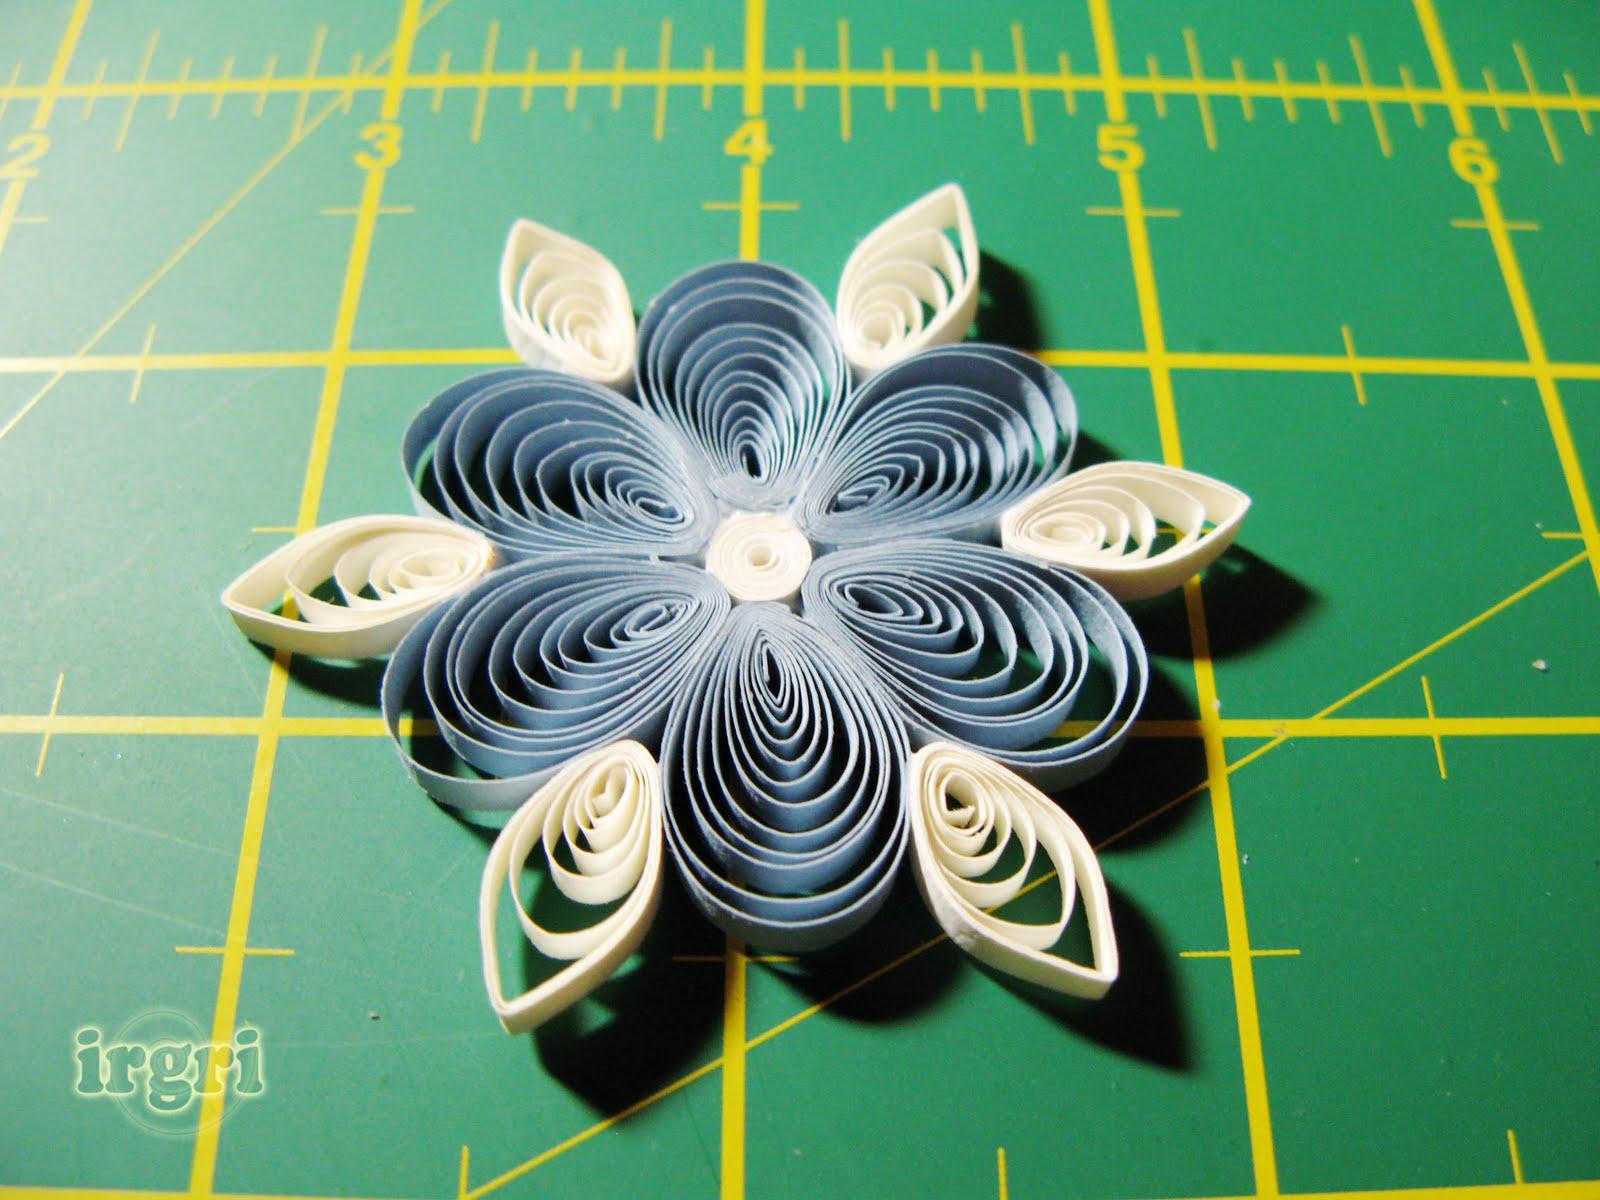 Квиллинг поделки. Фото работ из скрученных полосок бумаги (ролов)